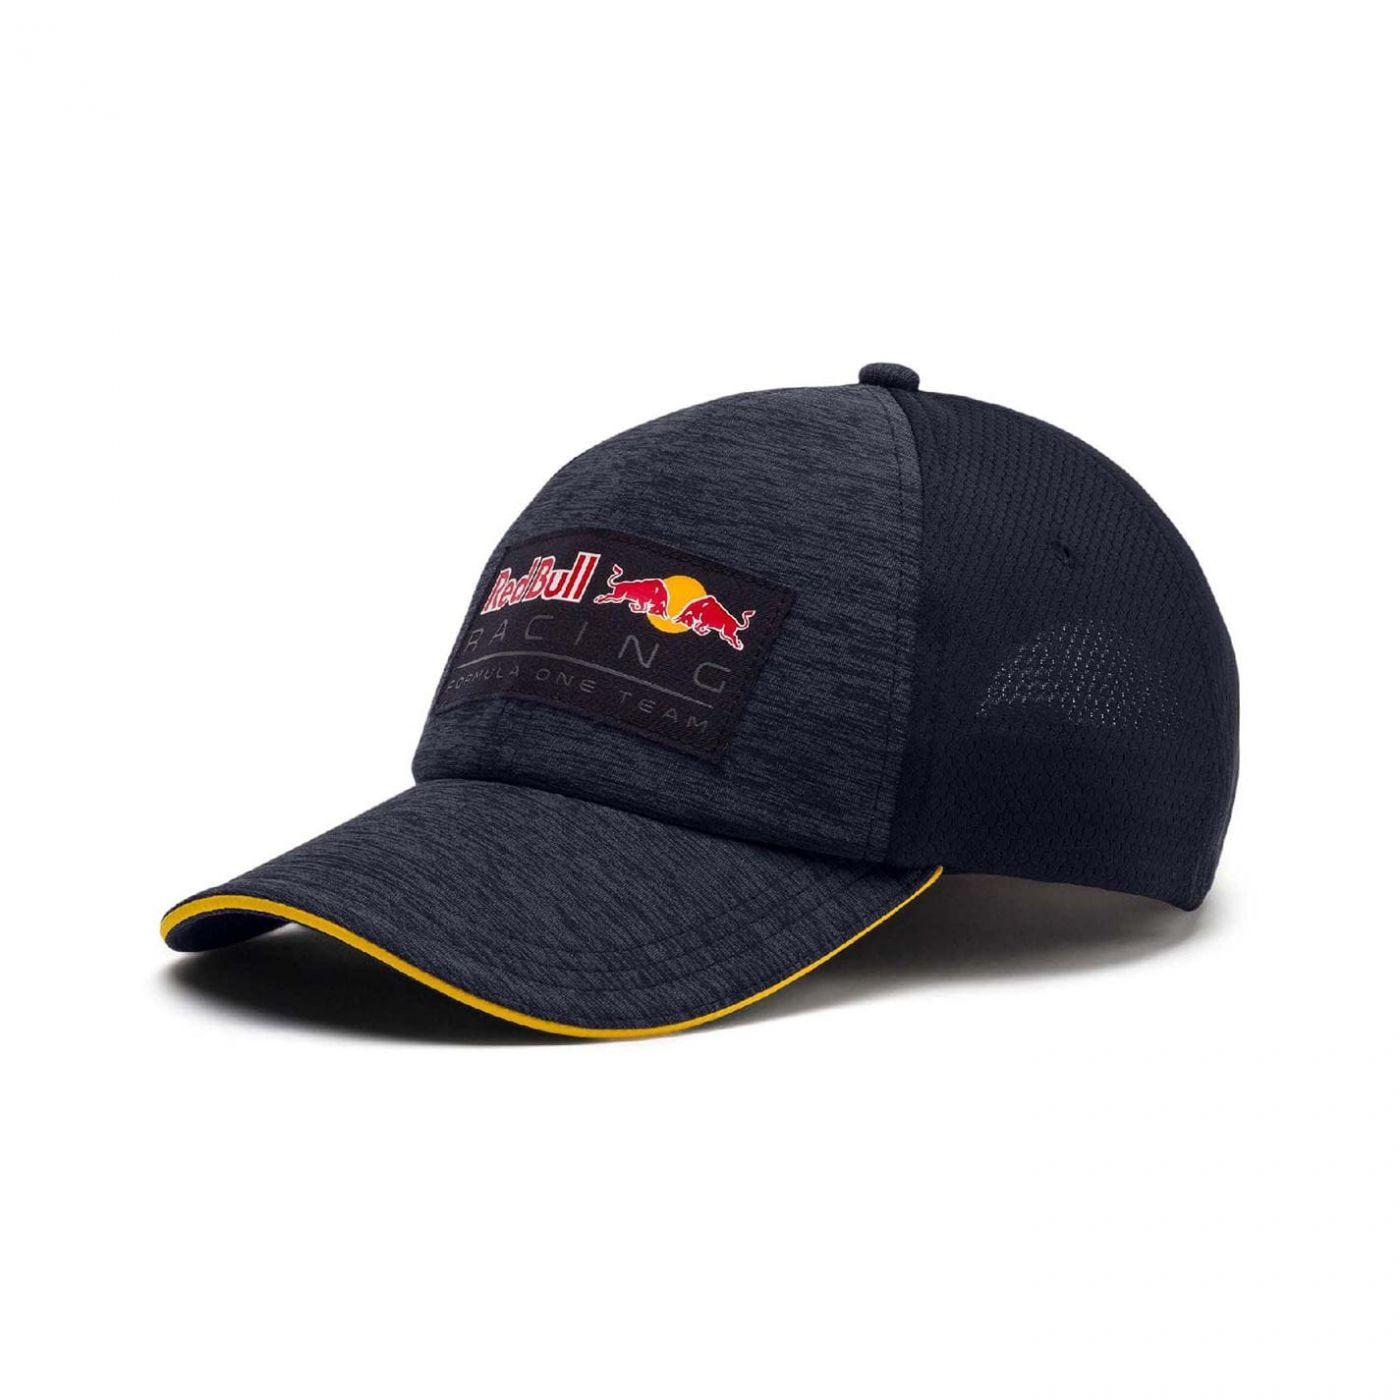 Puma Red Bull Racing Baseball Cap